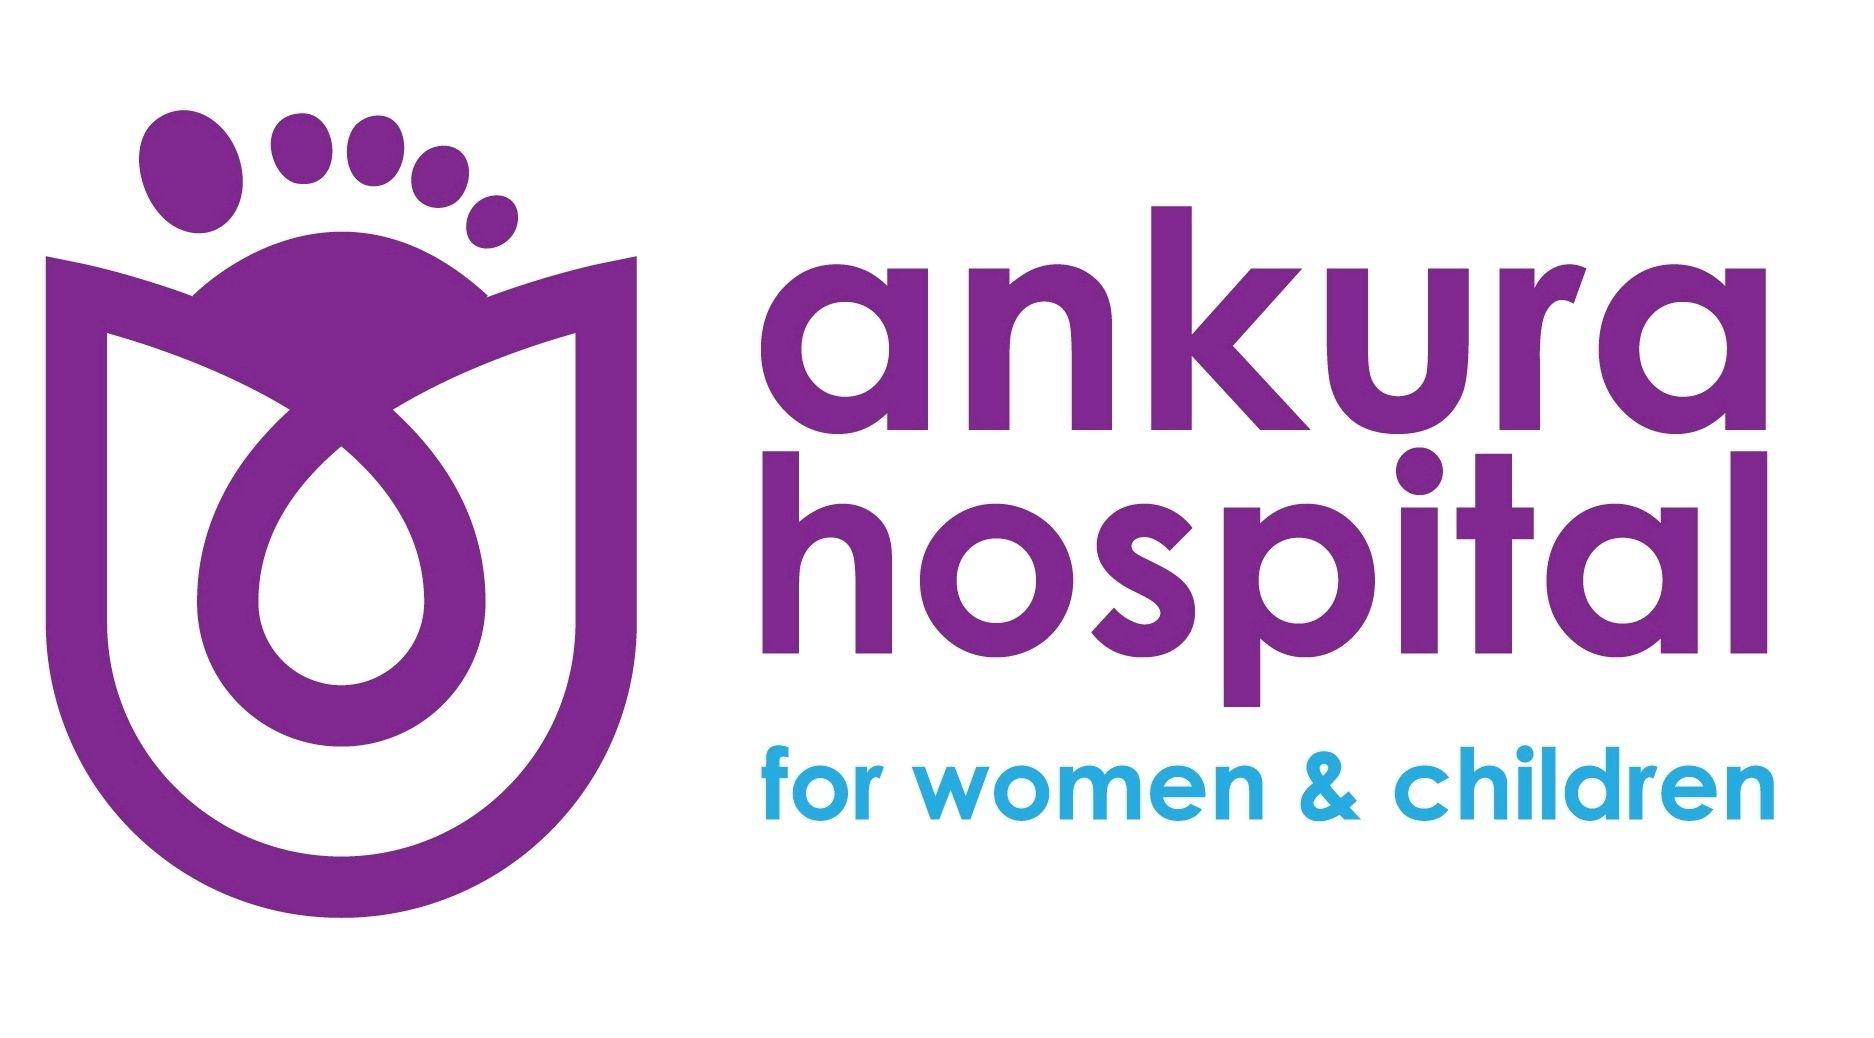 Ankura Hospital for Women & Children display image